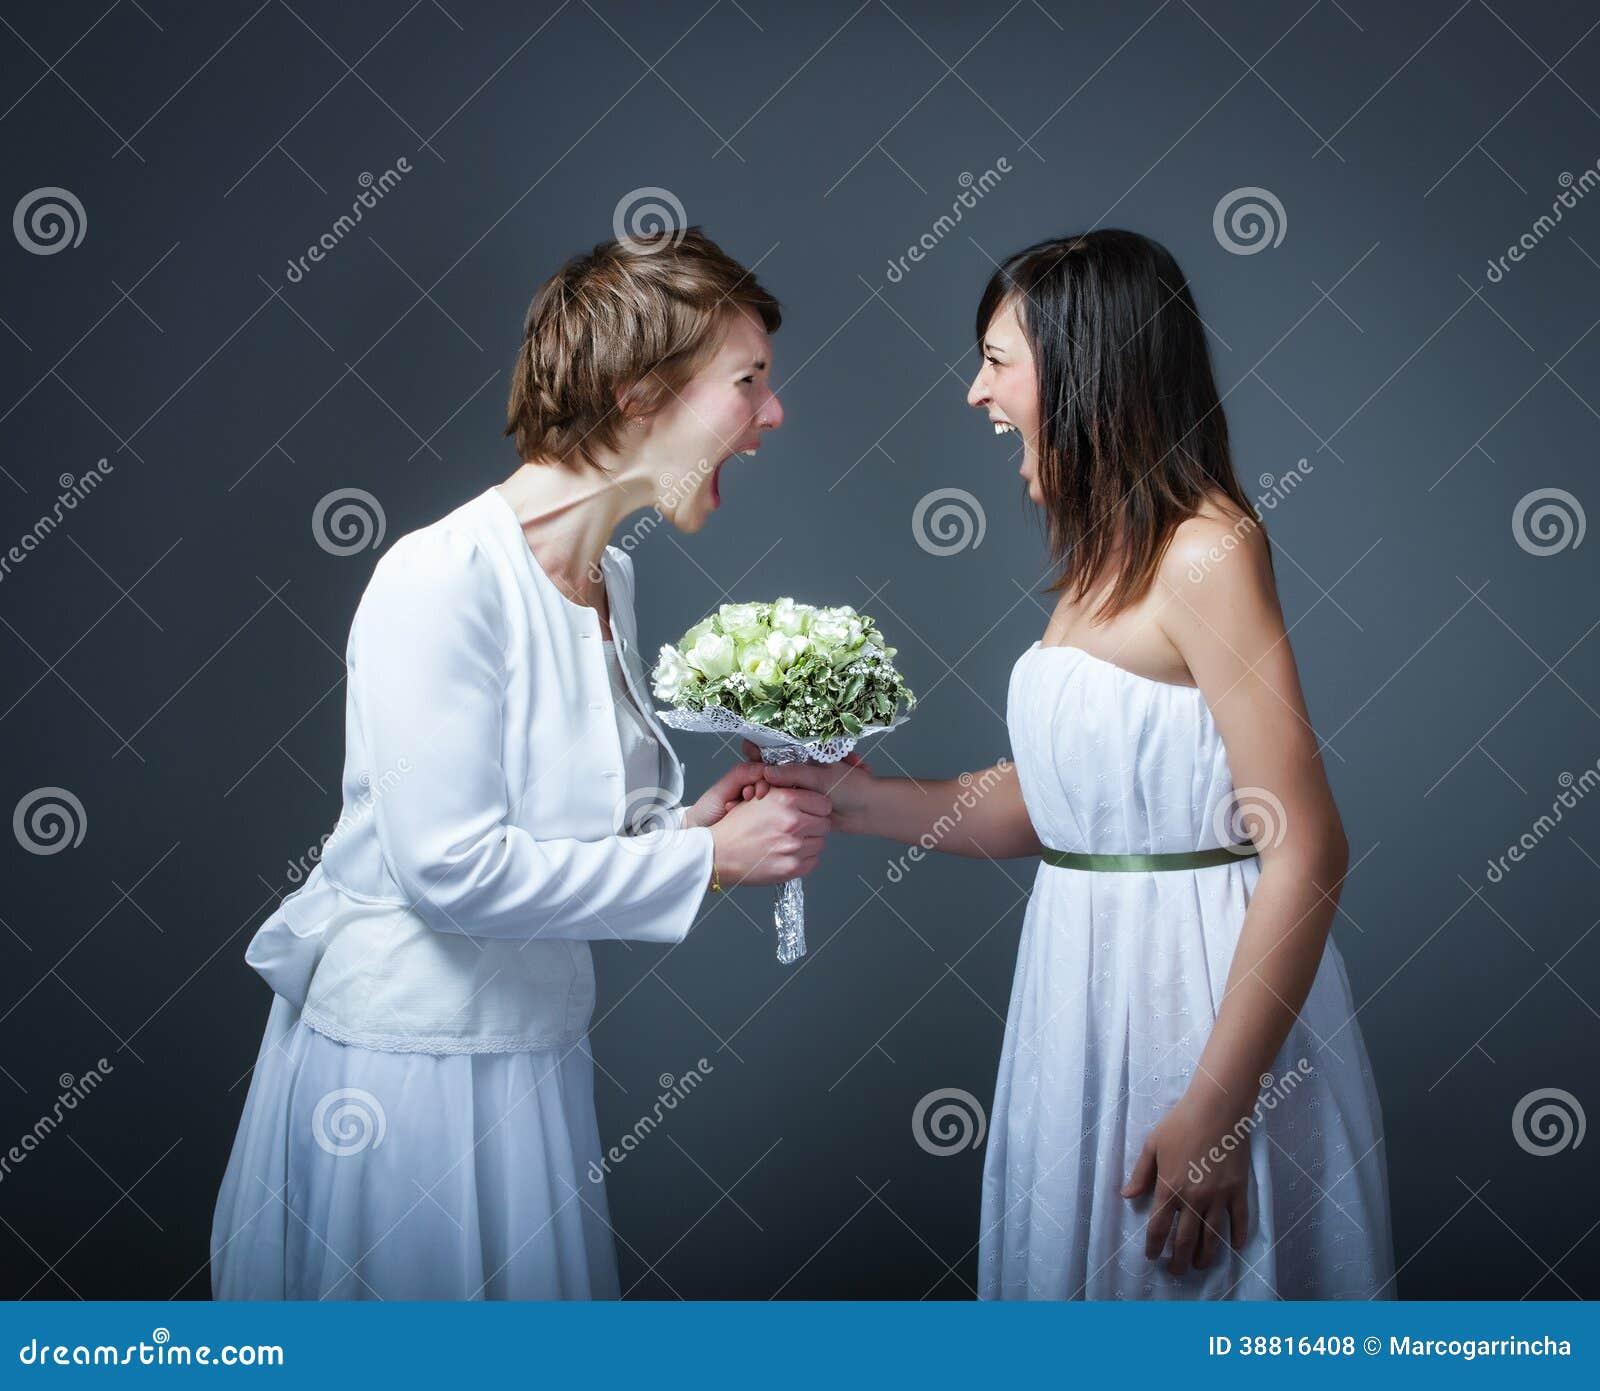 Dnia ślubu krzyczeć i rozpaczanie